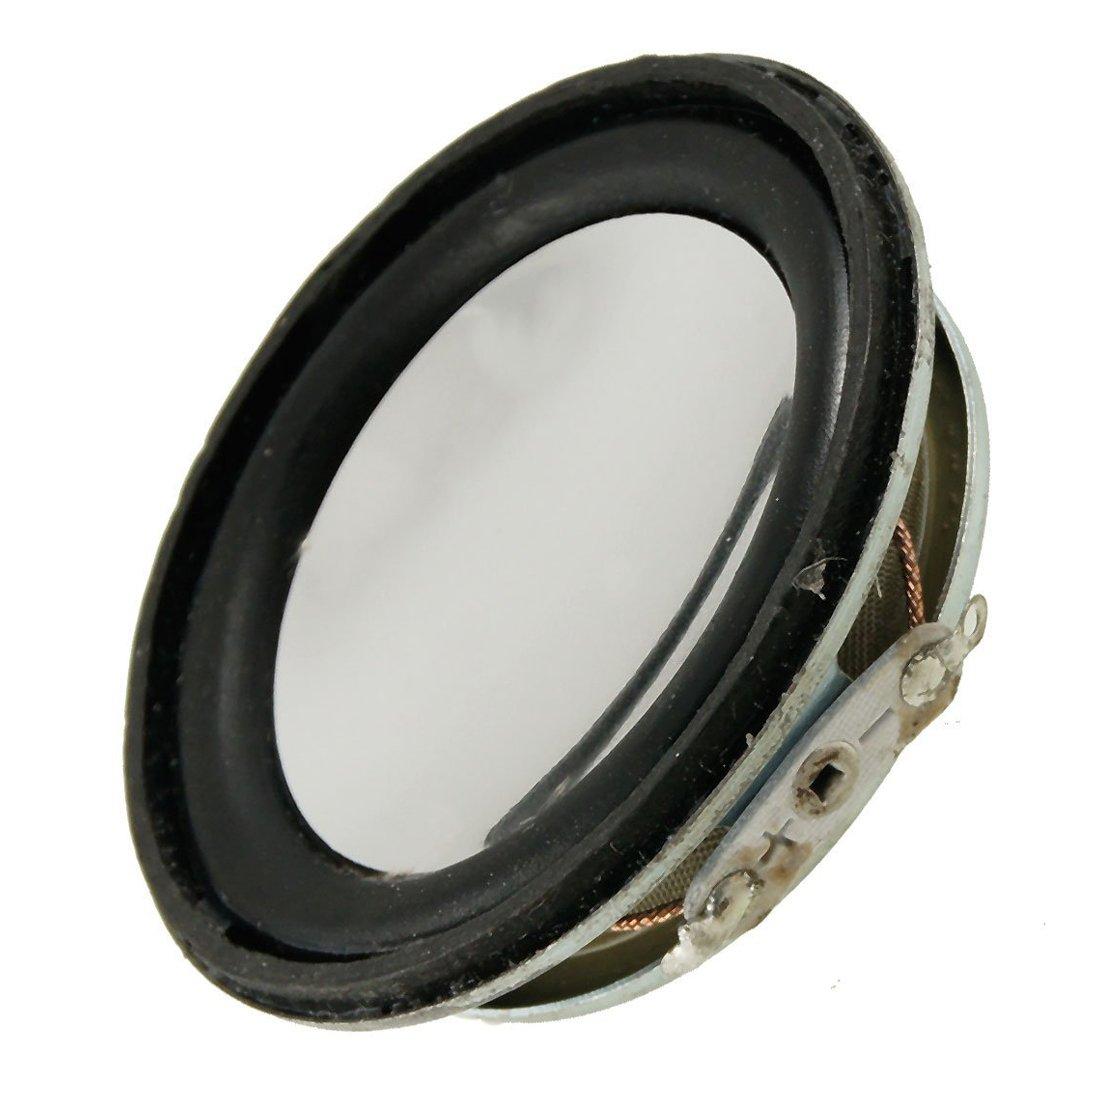 Speaker - SODIAL(R)Audio Equipment 4 Ohm 3W 50mm Mounting Dia Horn Midrange Speaker